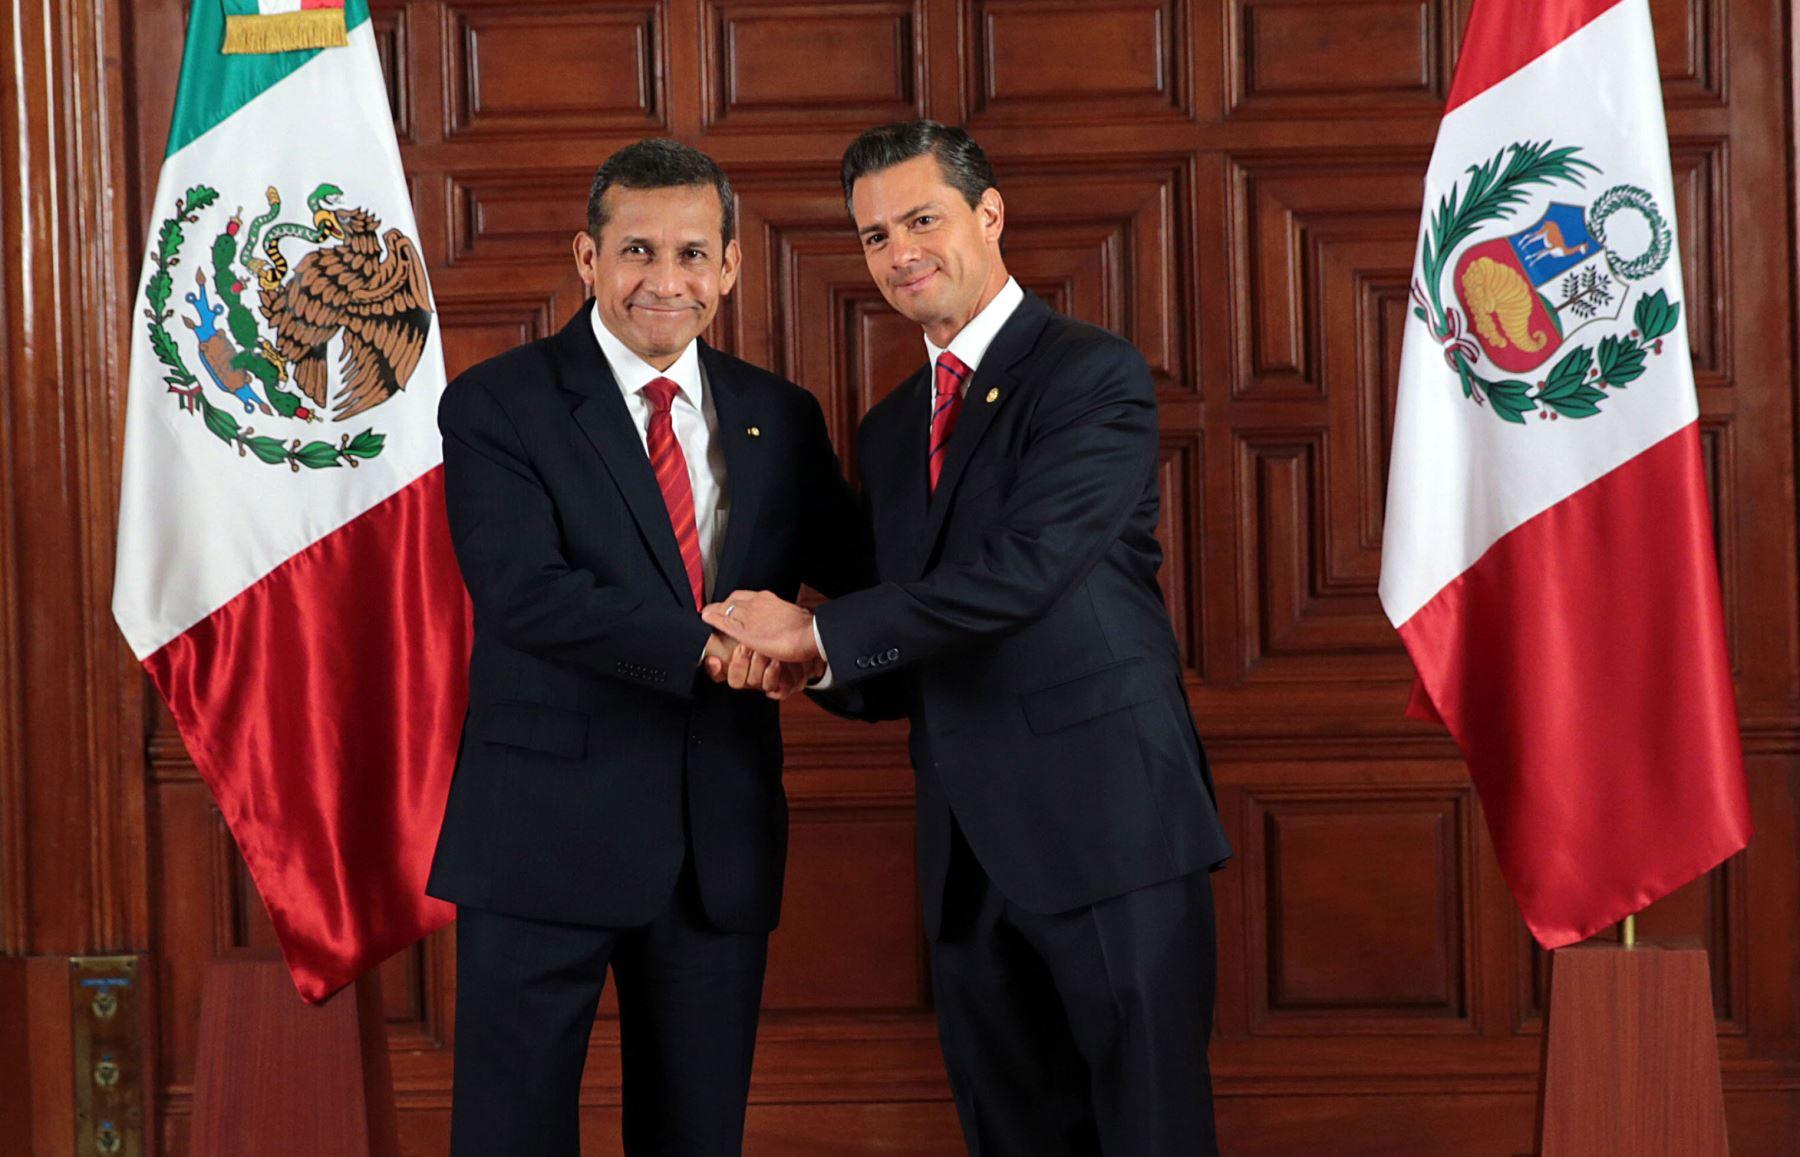 Audiencia de los presidente Ollanta Humala y Enrique Peña Nieto, y reunión ampliada con sus respectivas comitivas.Foto: ANDINA/Prensa Presidencia